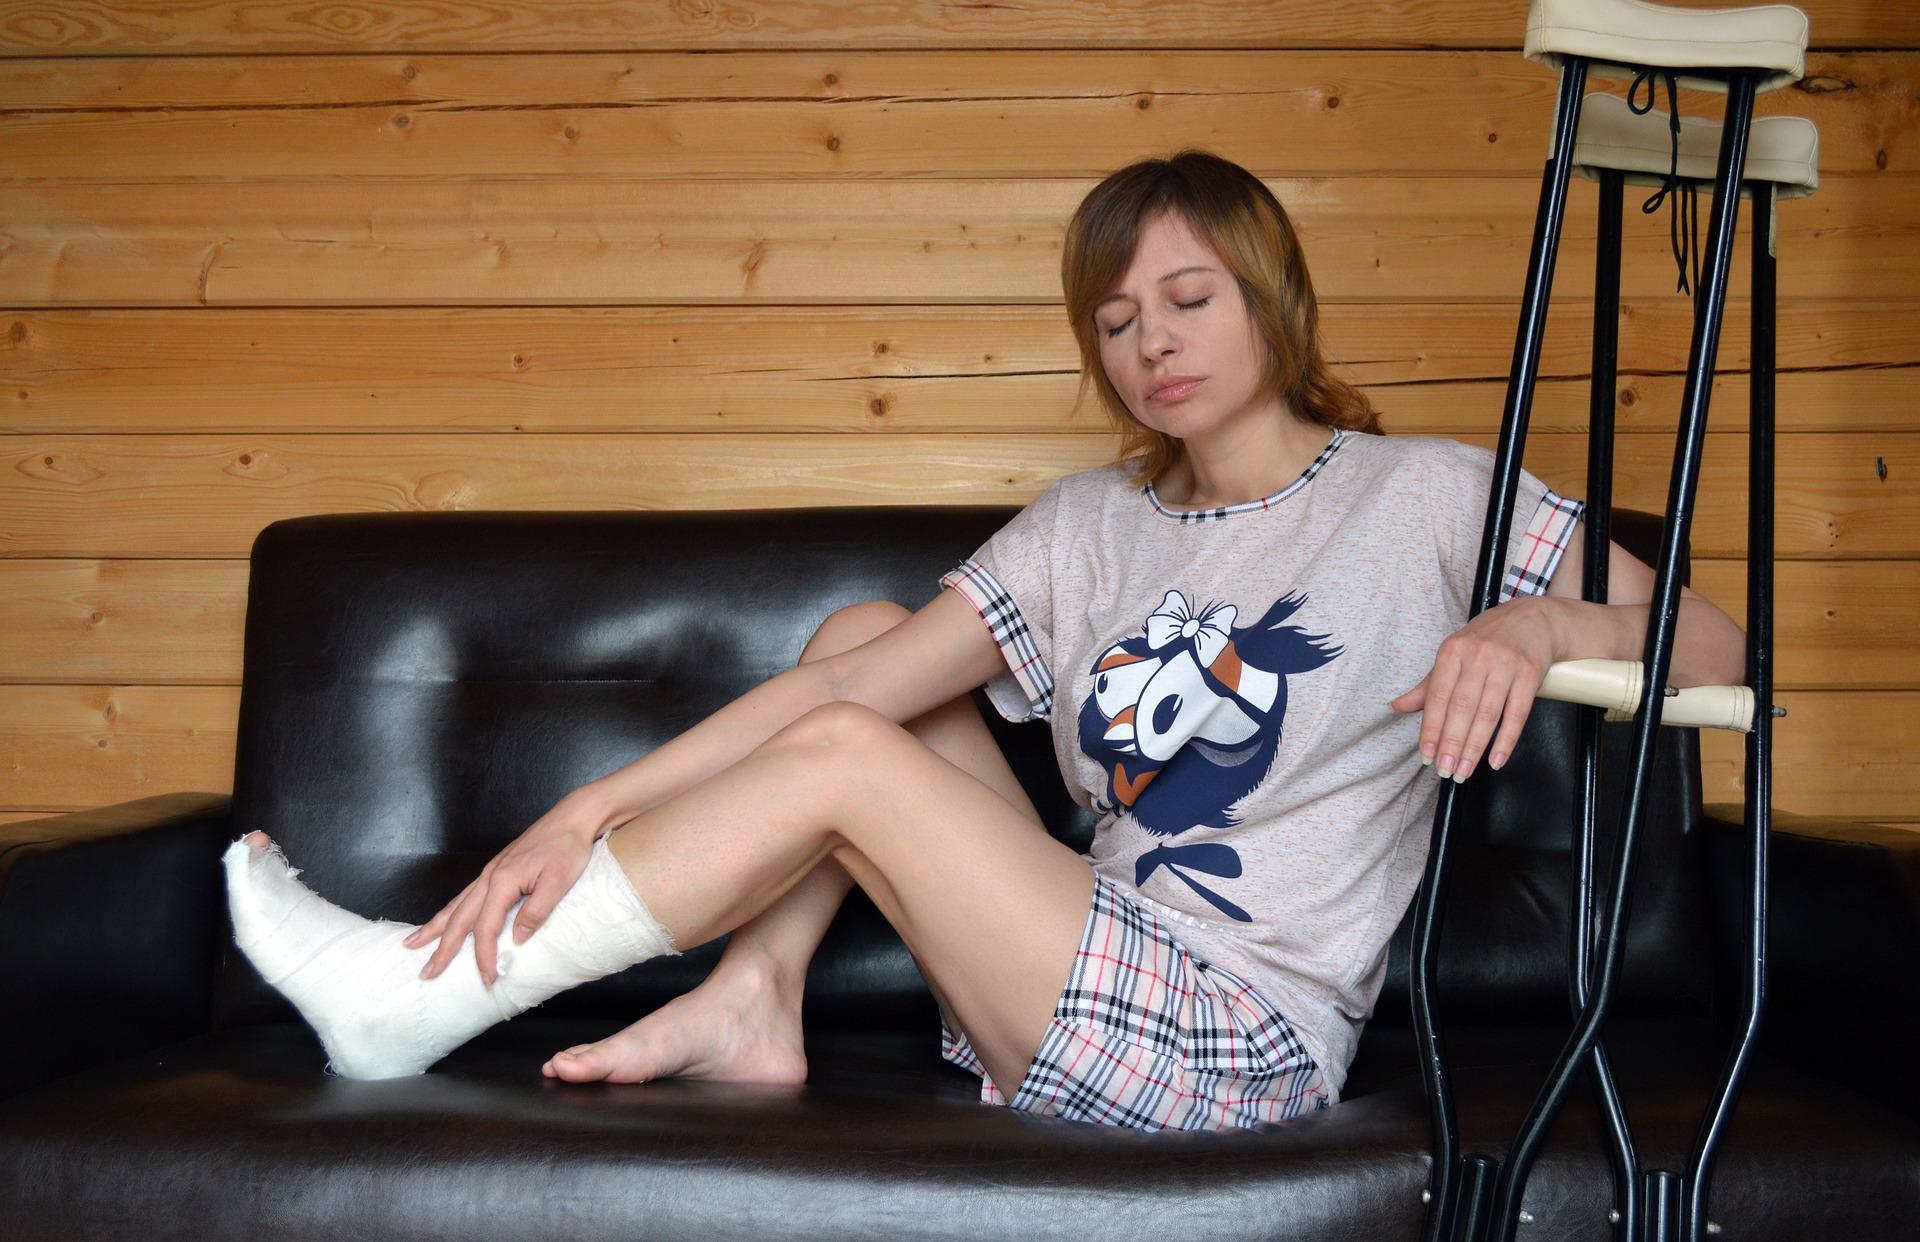 Foto de uma mulher sentada em um sofá com pé engessado, enquanto segura muleta. Imagem ilustrativa para texto segurado e beneficiário.